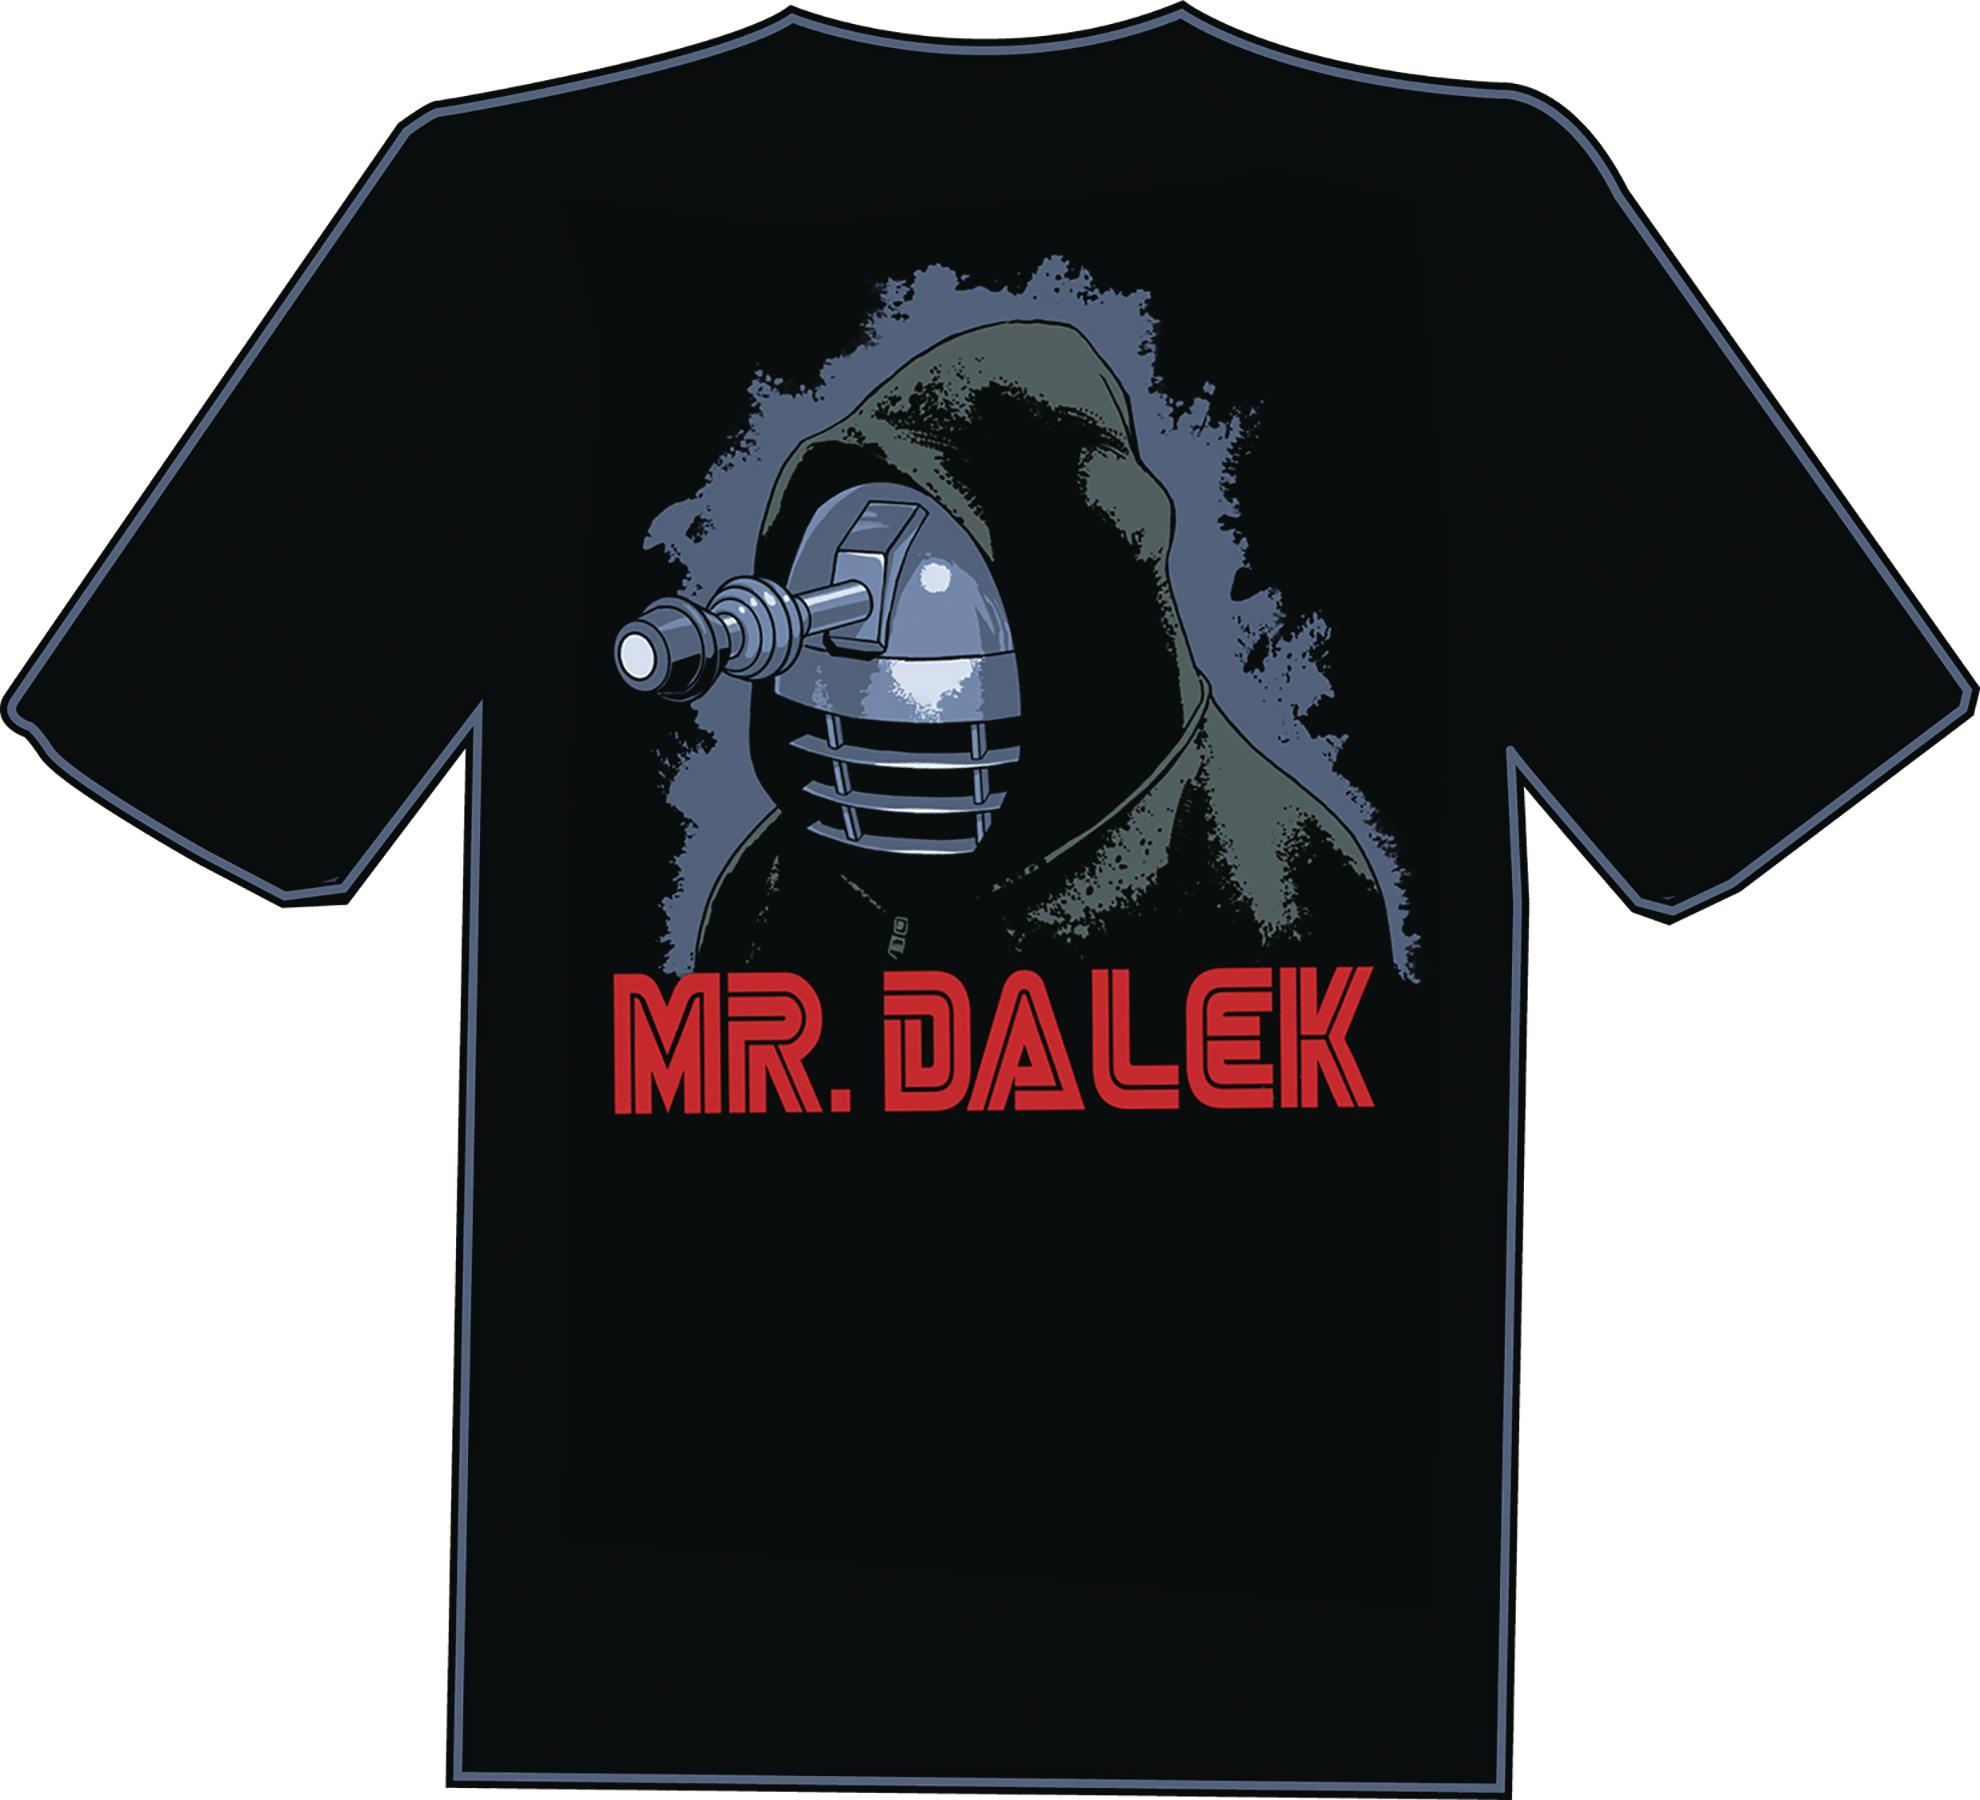 Mr. Dalek T-Shirt